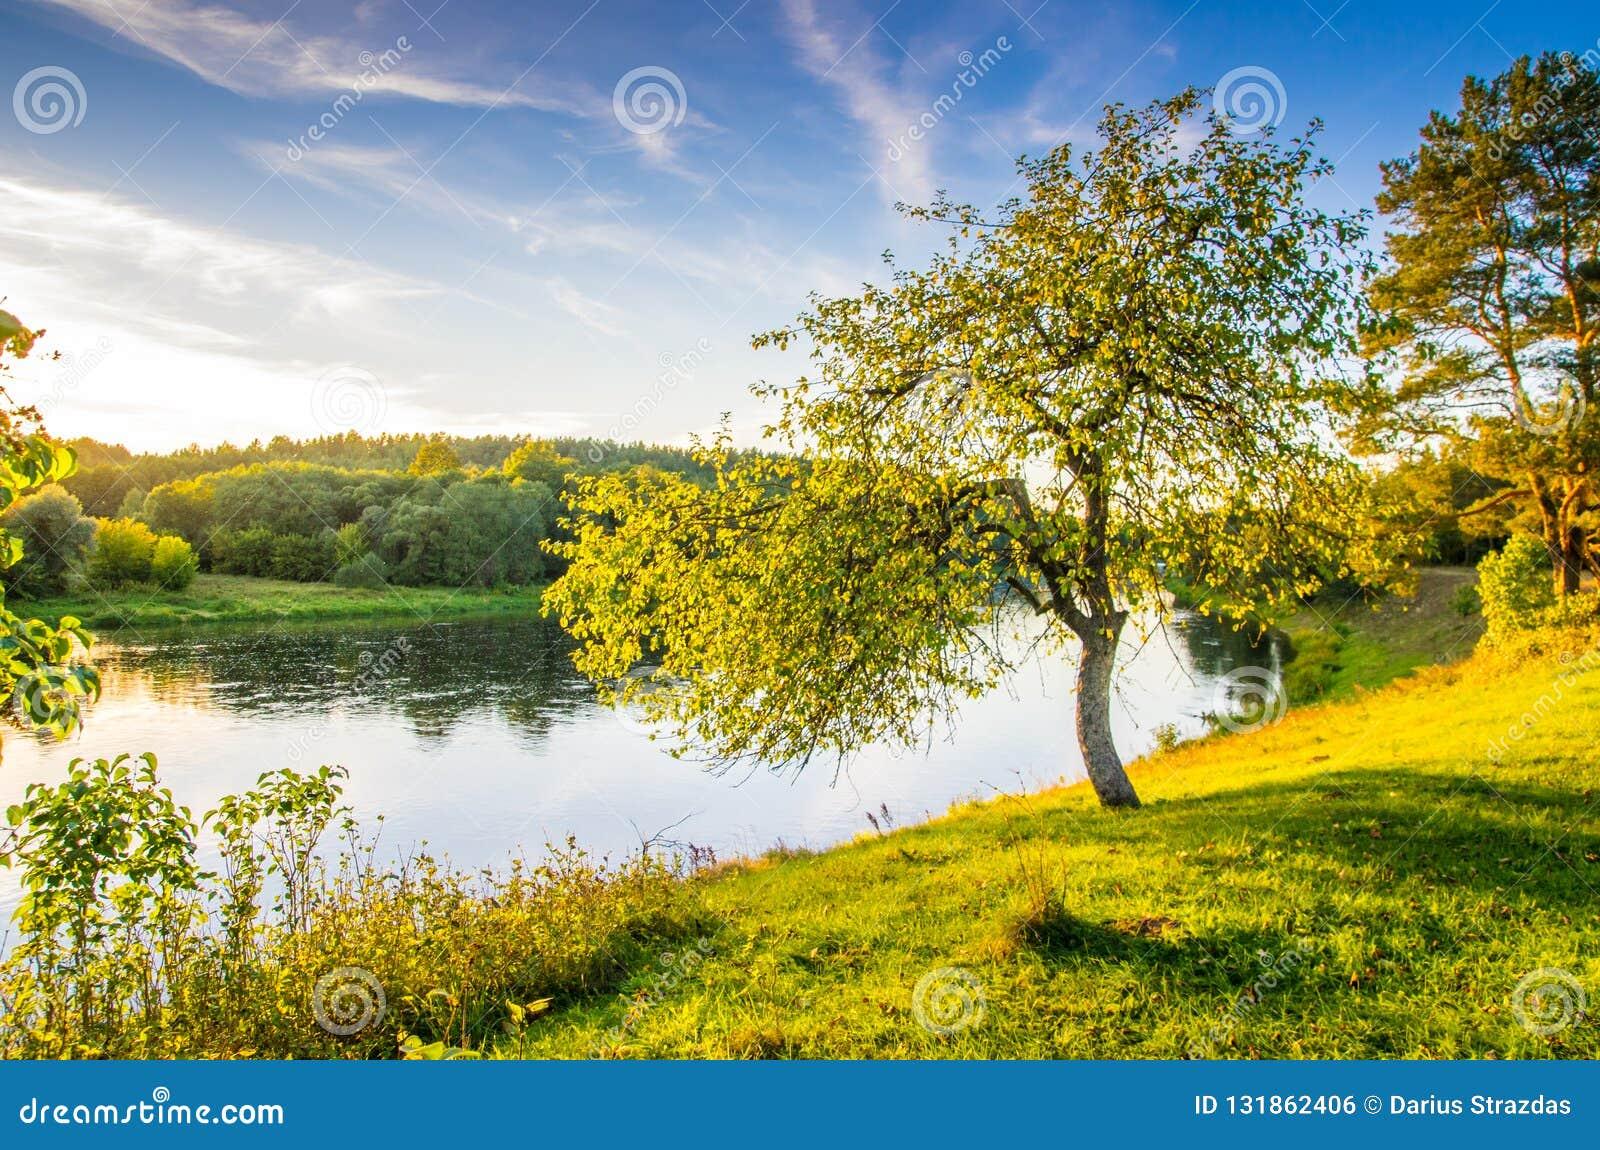 Tree near river, scenic nature landscape